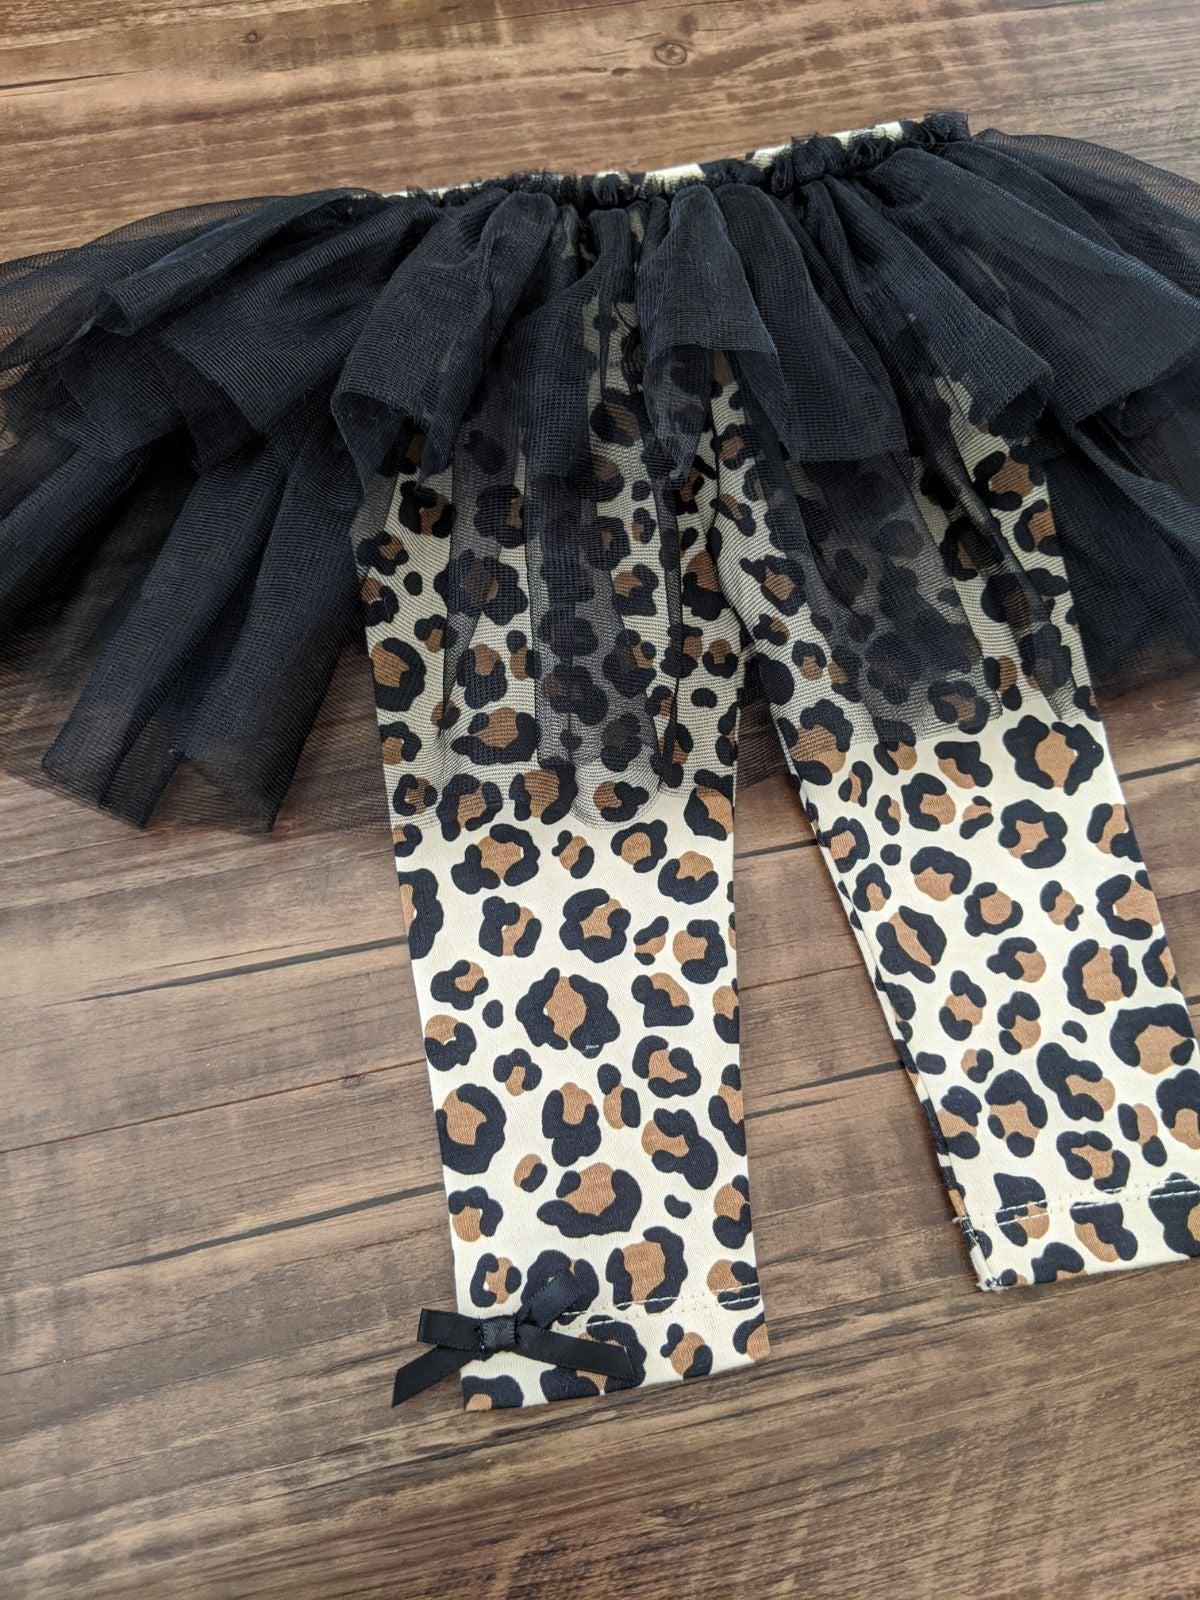 Babyrageous 3-Piece Leopard Tutu Set